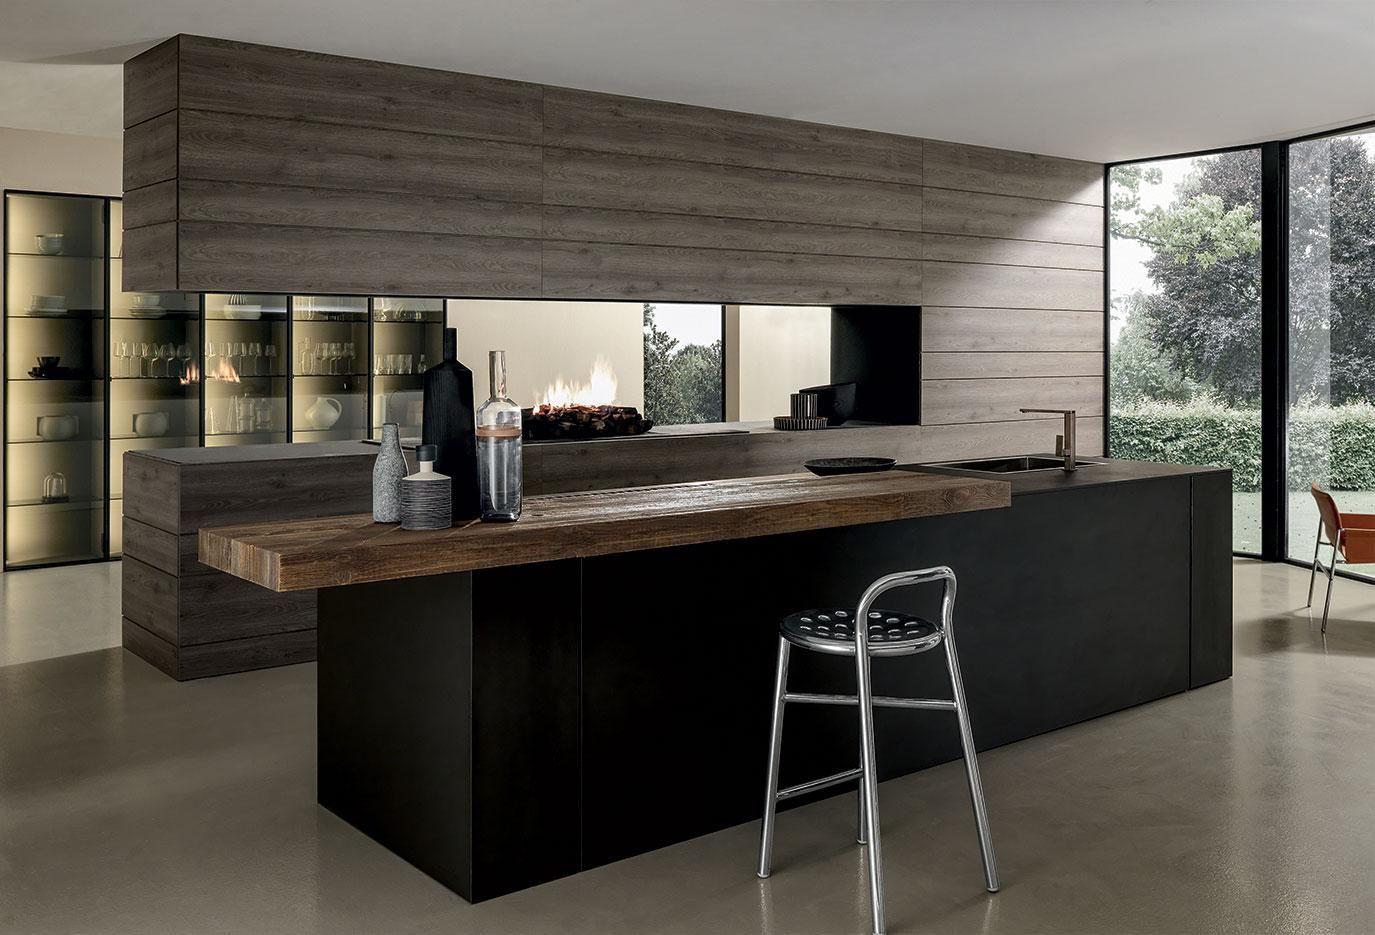 Design di Cucine, bagni e soggiorni moderni MODULNOVA - Mh6 33 ...